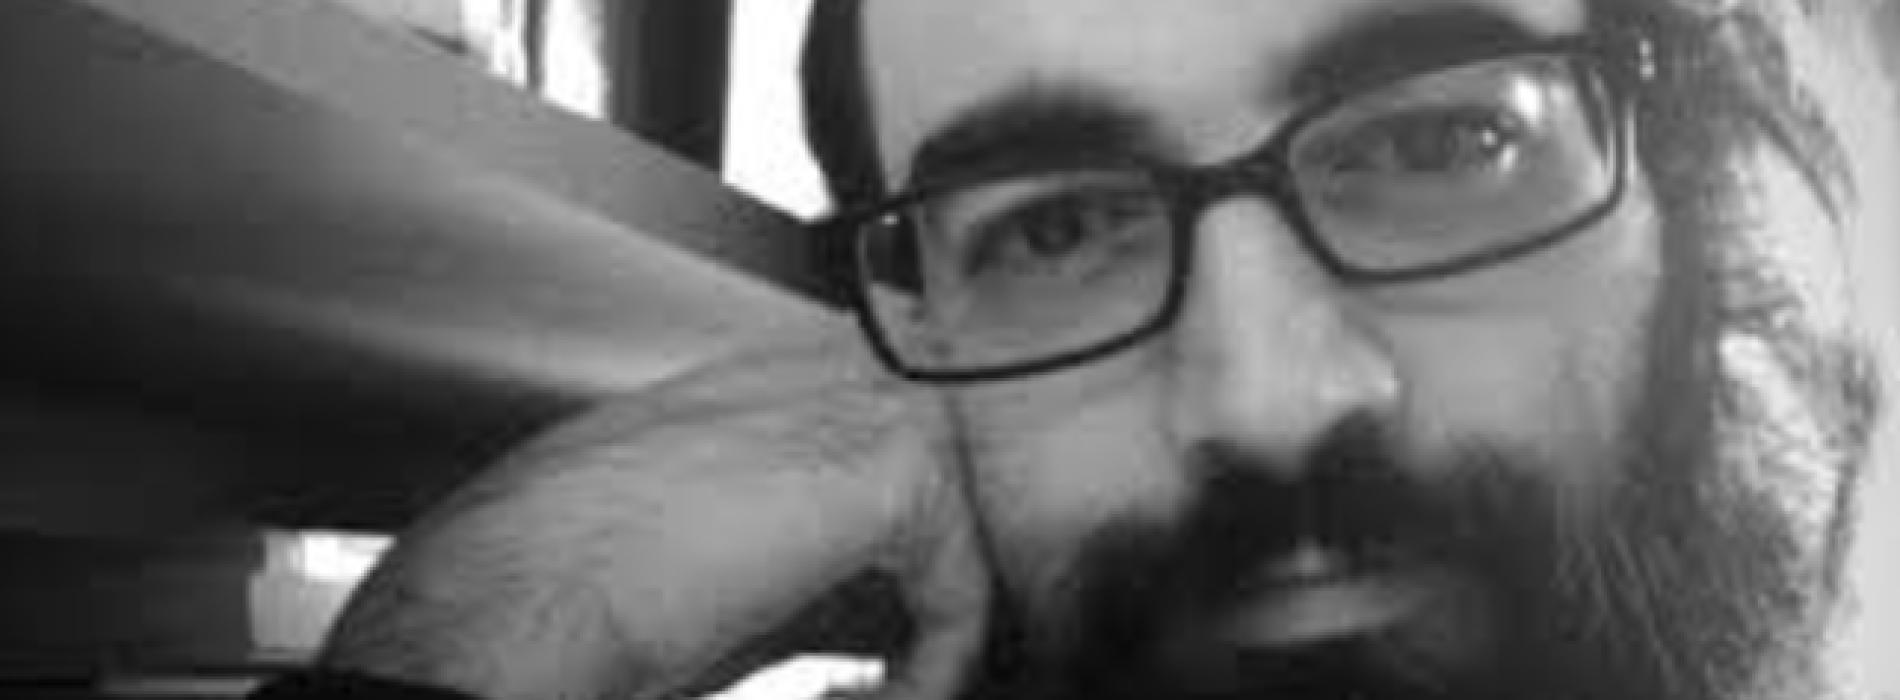 Vita da fantasiologo, Carrese in tour con lo spettacolo Svirgolo